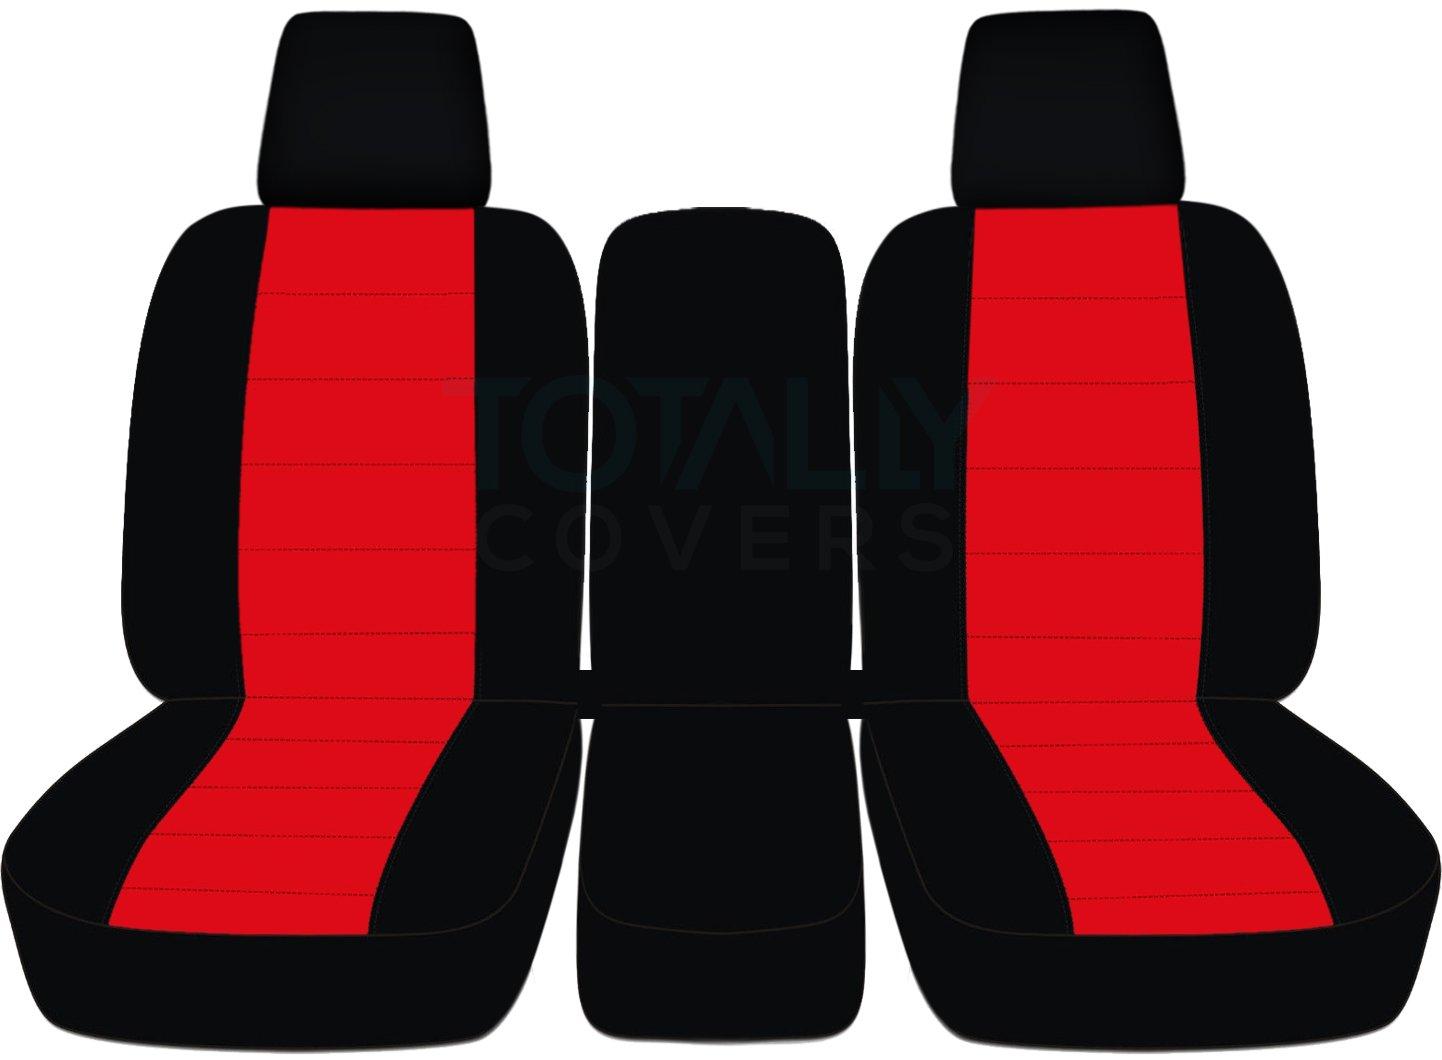 2004 – 2008フォードF - 150ツートンカラートラックシートカバー(フロント40 / 20 / 40分割ベンチ) センターコンソール/アームレスト、W / WO、シートベルト – フロント( 21色) 2005 2006 2007 Fシリーズf150 (右ハンドル車との互換性は保証いたしかねます) Solid Armrest & Integrated Seat Belts レッド TCCSCTT26-82-0408FF150424-SAISB B06XDVN6X3 Solid Armrest & Integrated Seat Belts|ブラック&レッド ブラック&レッド Solid Armrest & Integrated Seat Belts